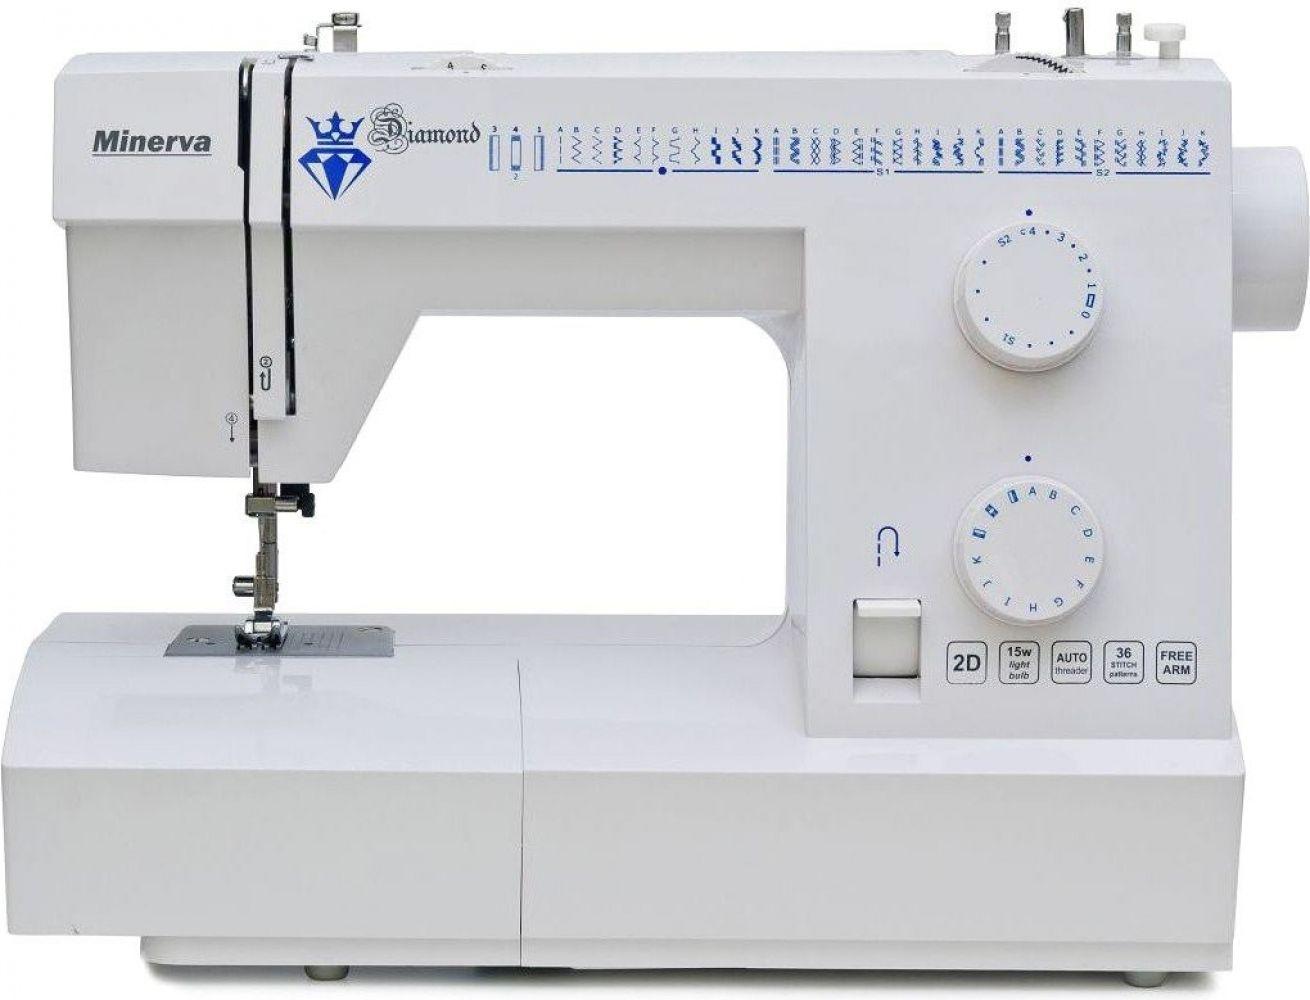 Купить Швейные машинки, Швейная машина Minerva Diamond 36